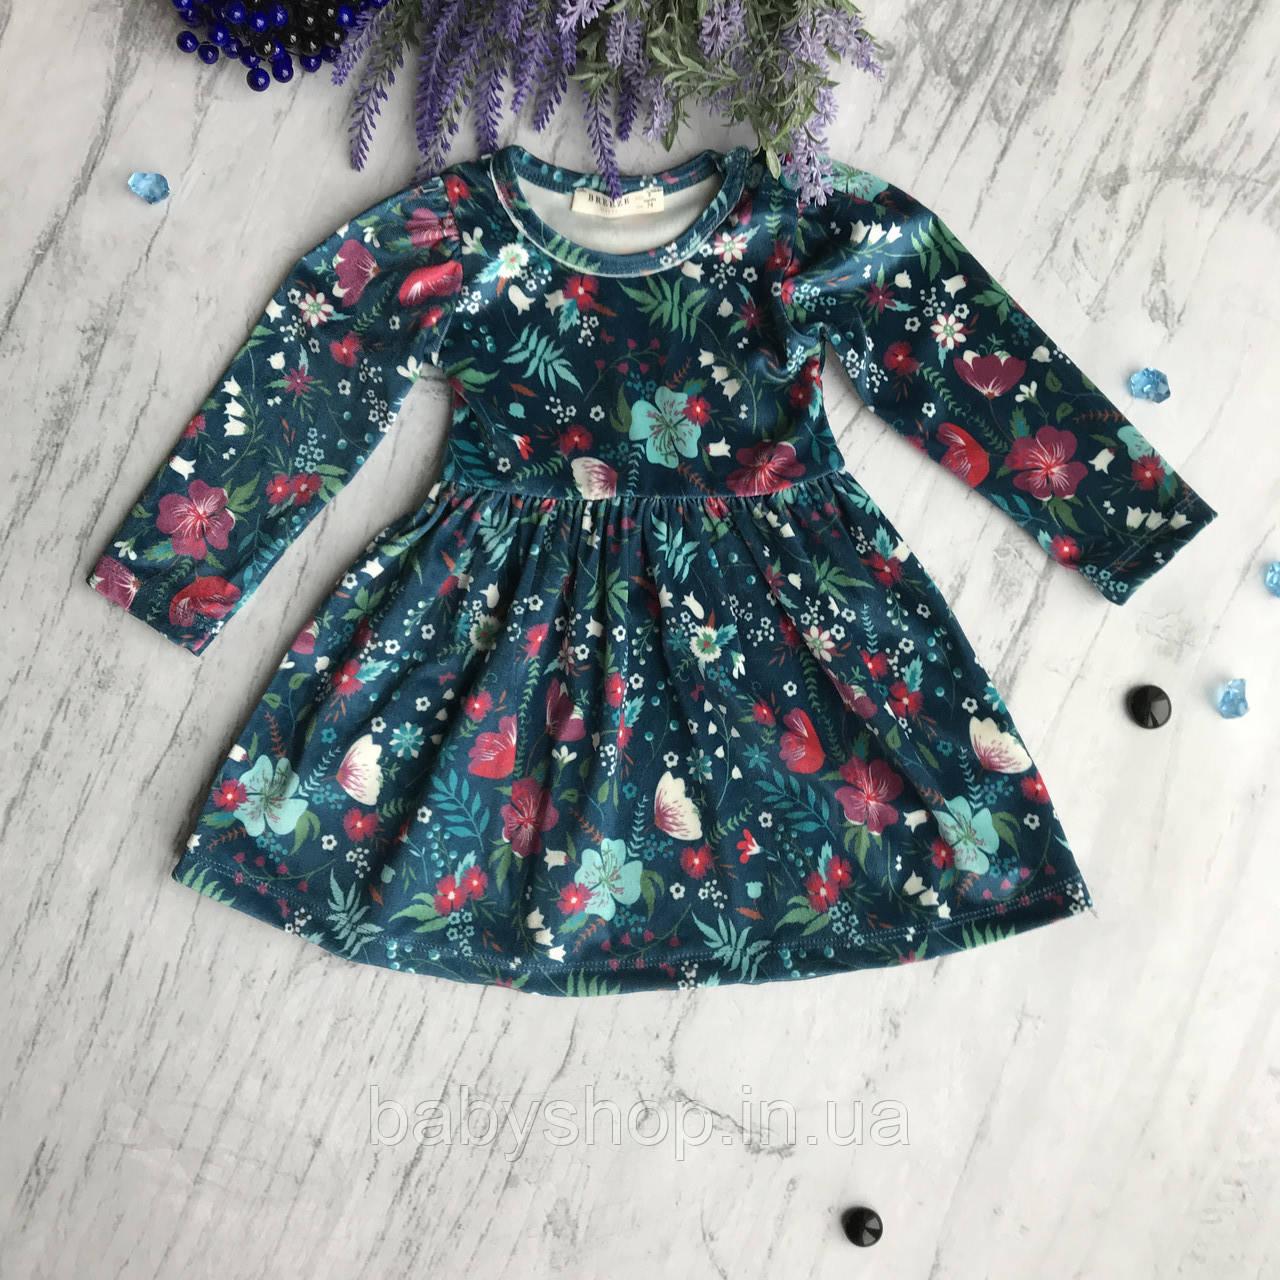 Платье на девочку Breeze 12-12п. Размеры 74 см, 80 см, 86 см,92 см, 98 см